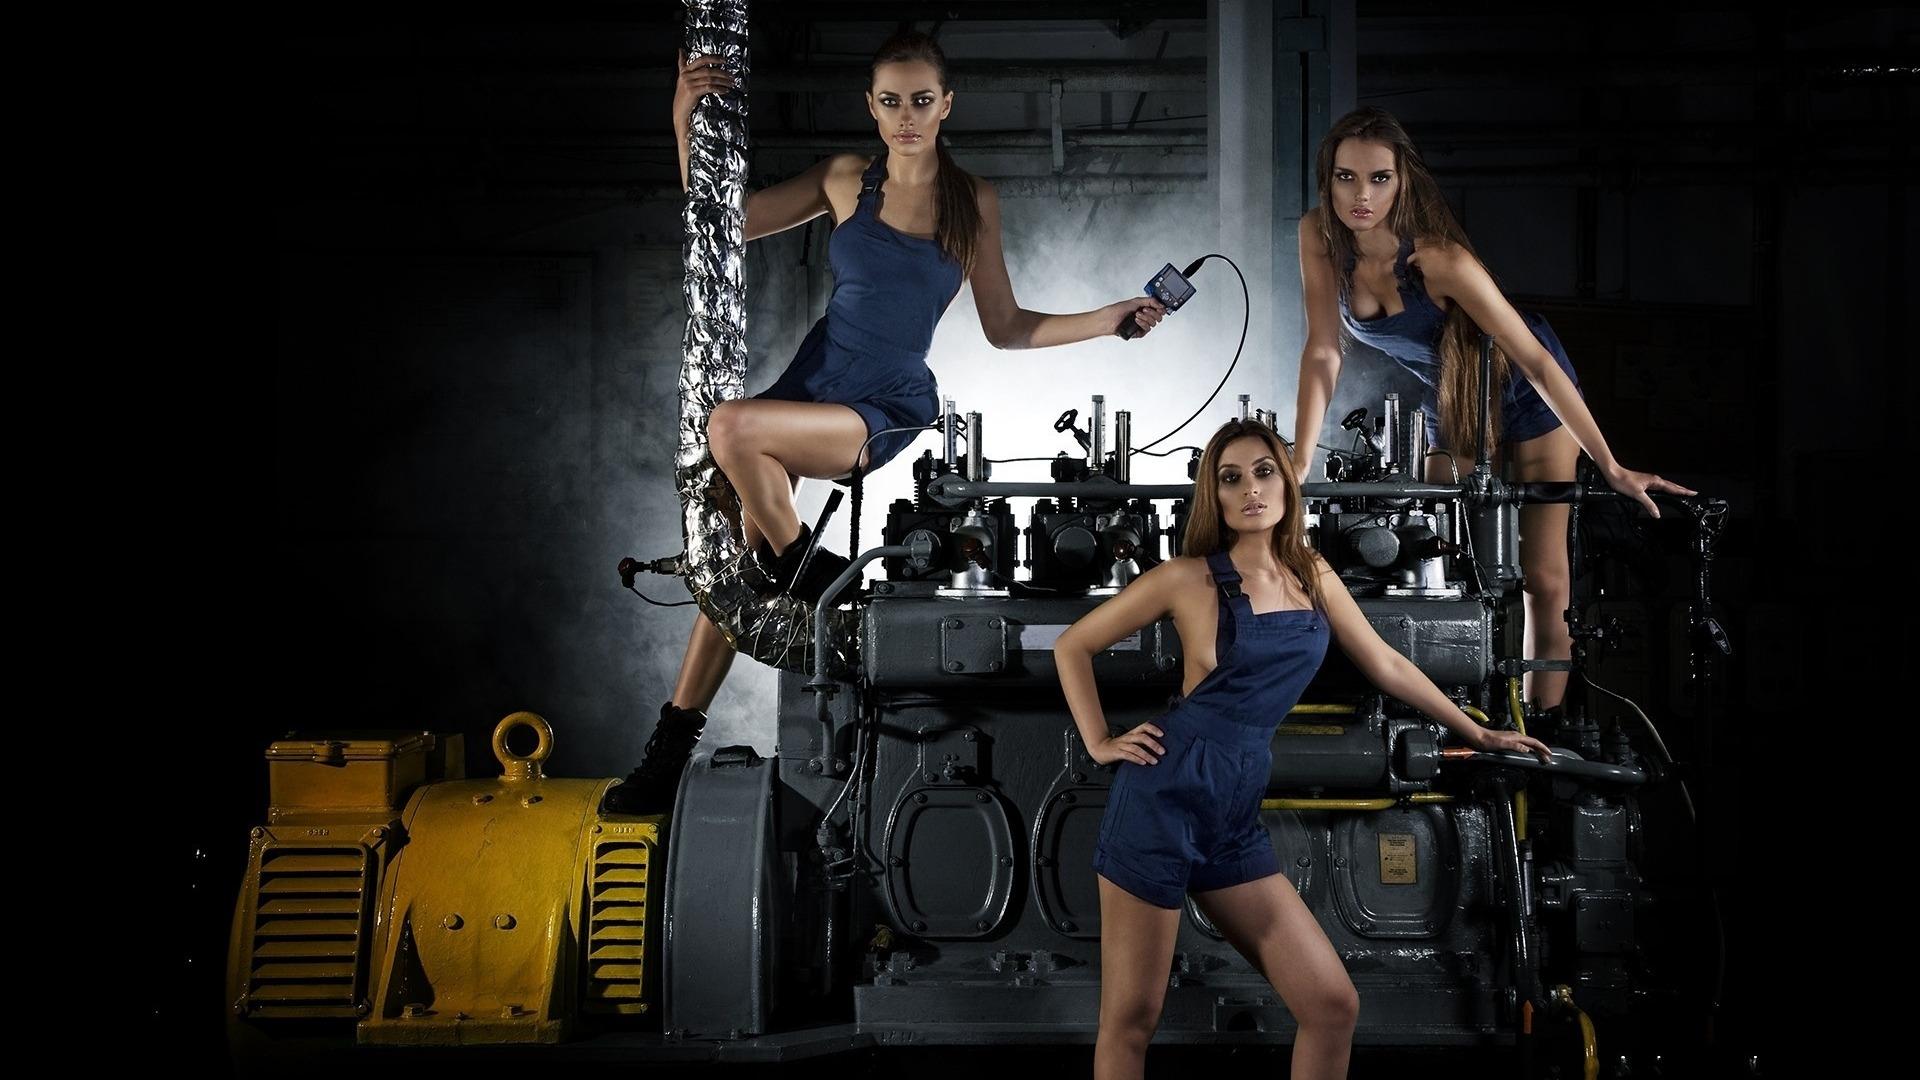 Металлопрокат и девушки фото